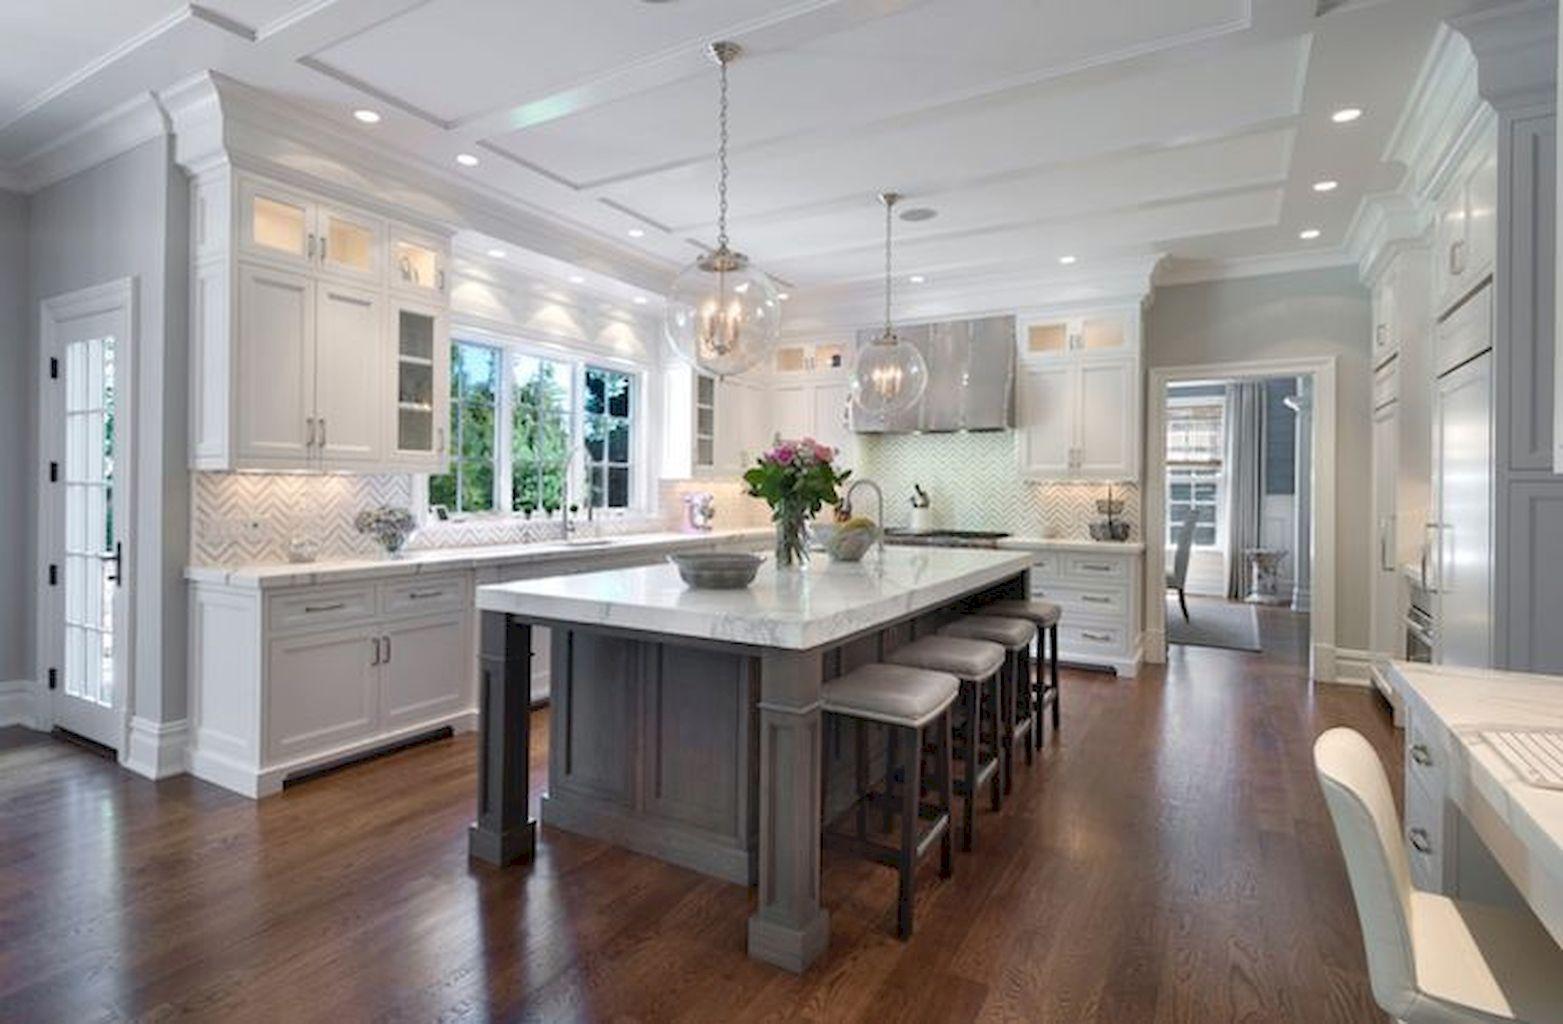 90 White Kitchen Cabinet Design Ideas  Cabinet Design Kitchens Brilliant Cabinet Design Kitchen 2018